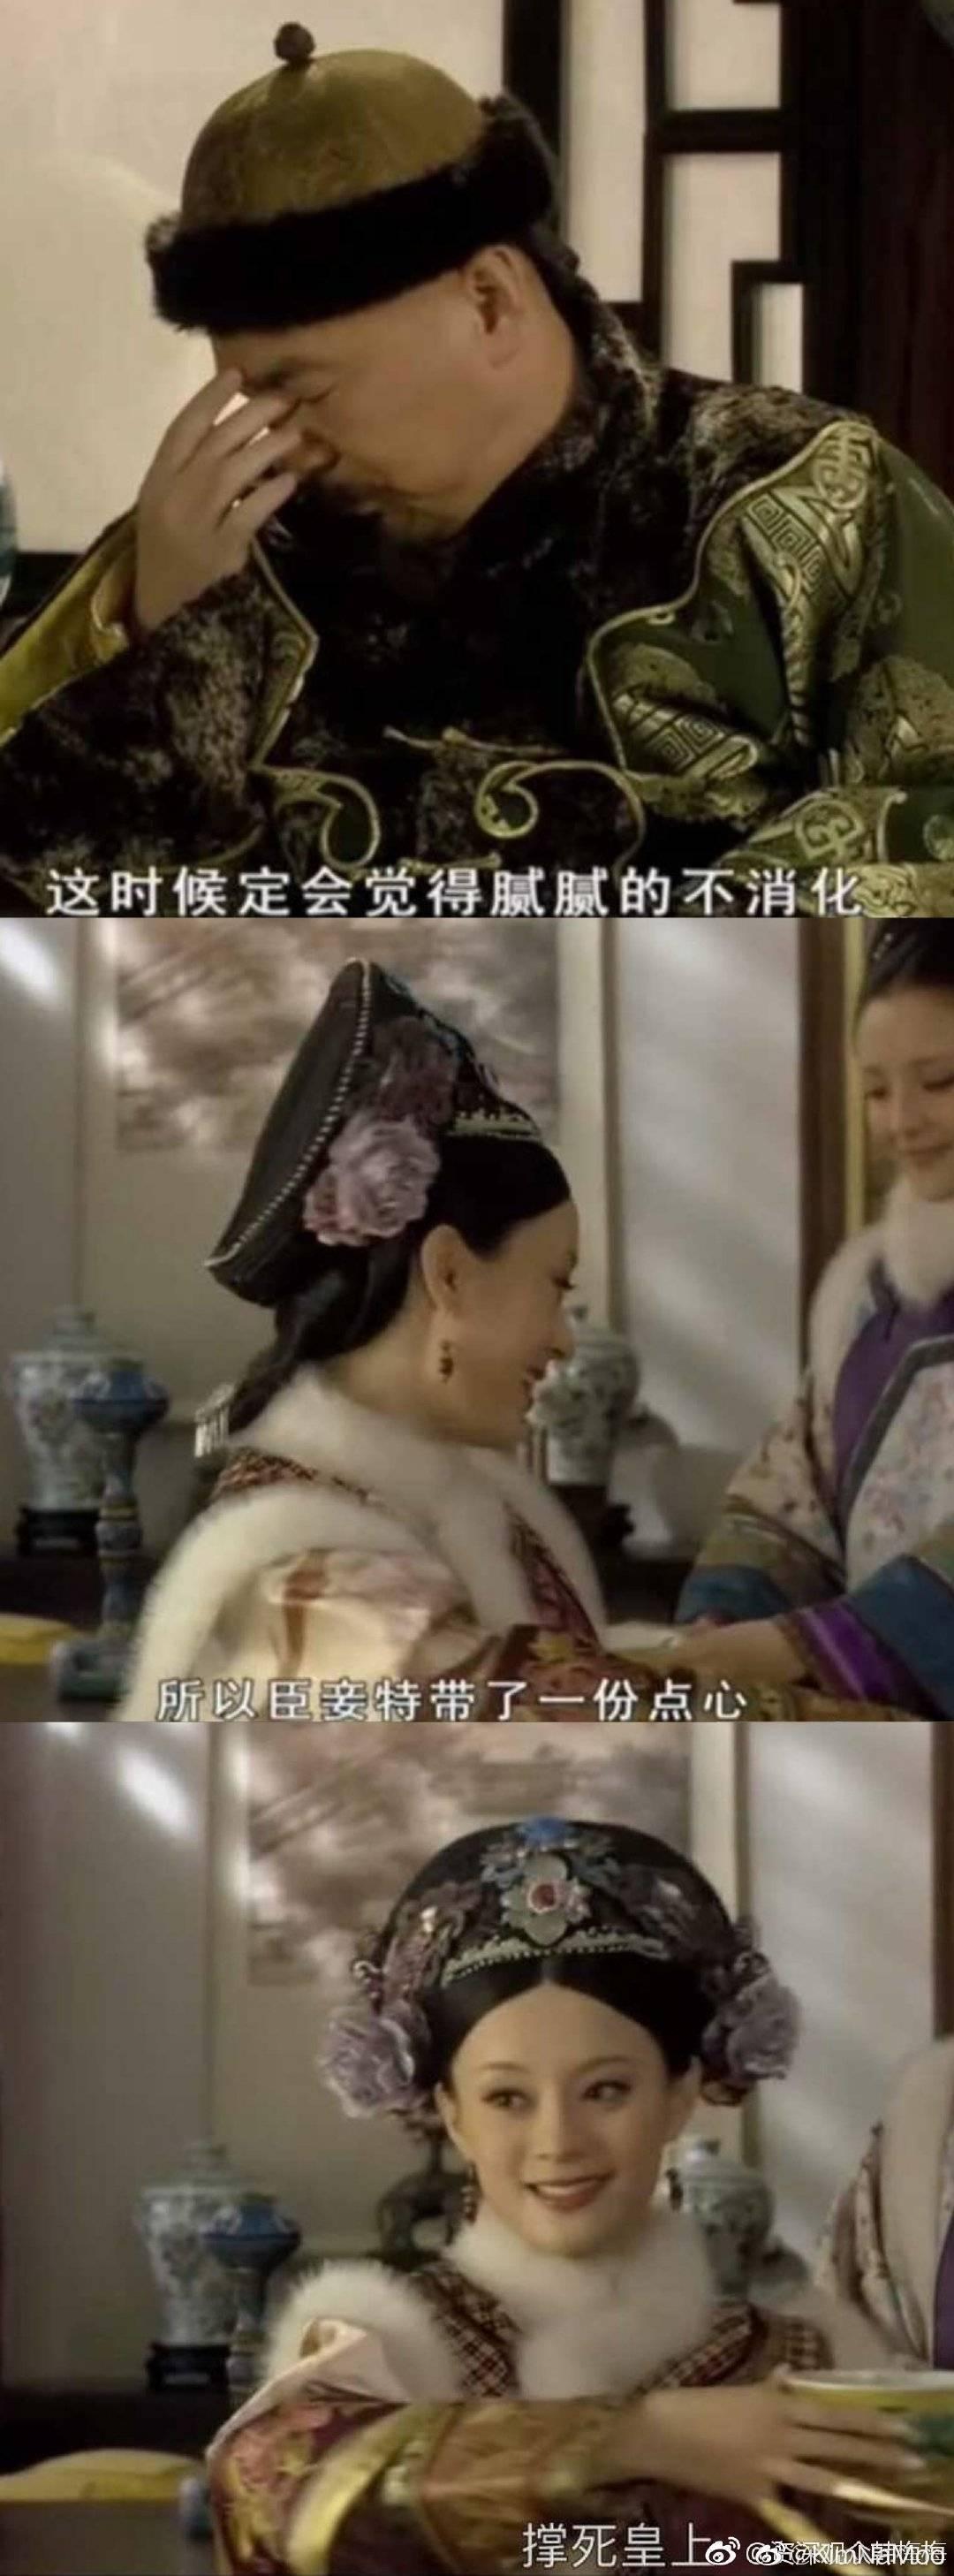 #搞笑香港挂牌心水论坛# 回看甄嬛传,真的是满满的欢乐啊,这如今都是些什么神仙网友,怕就是想让我笑到头掉吧